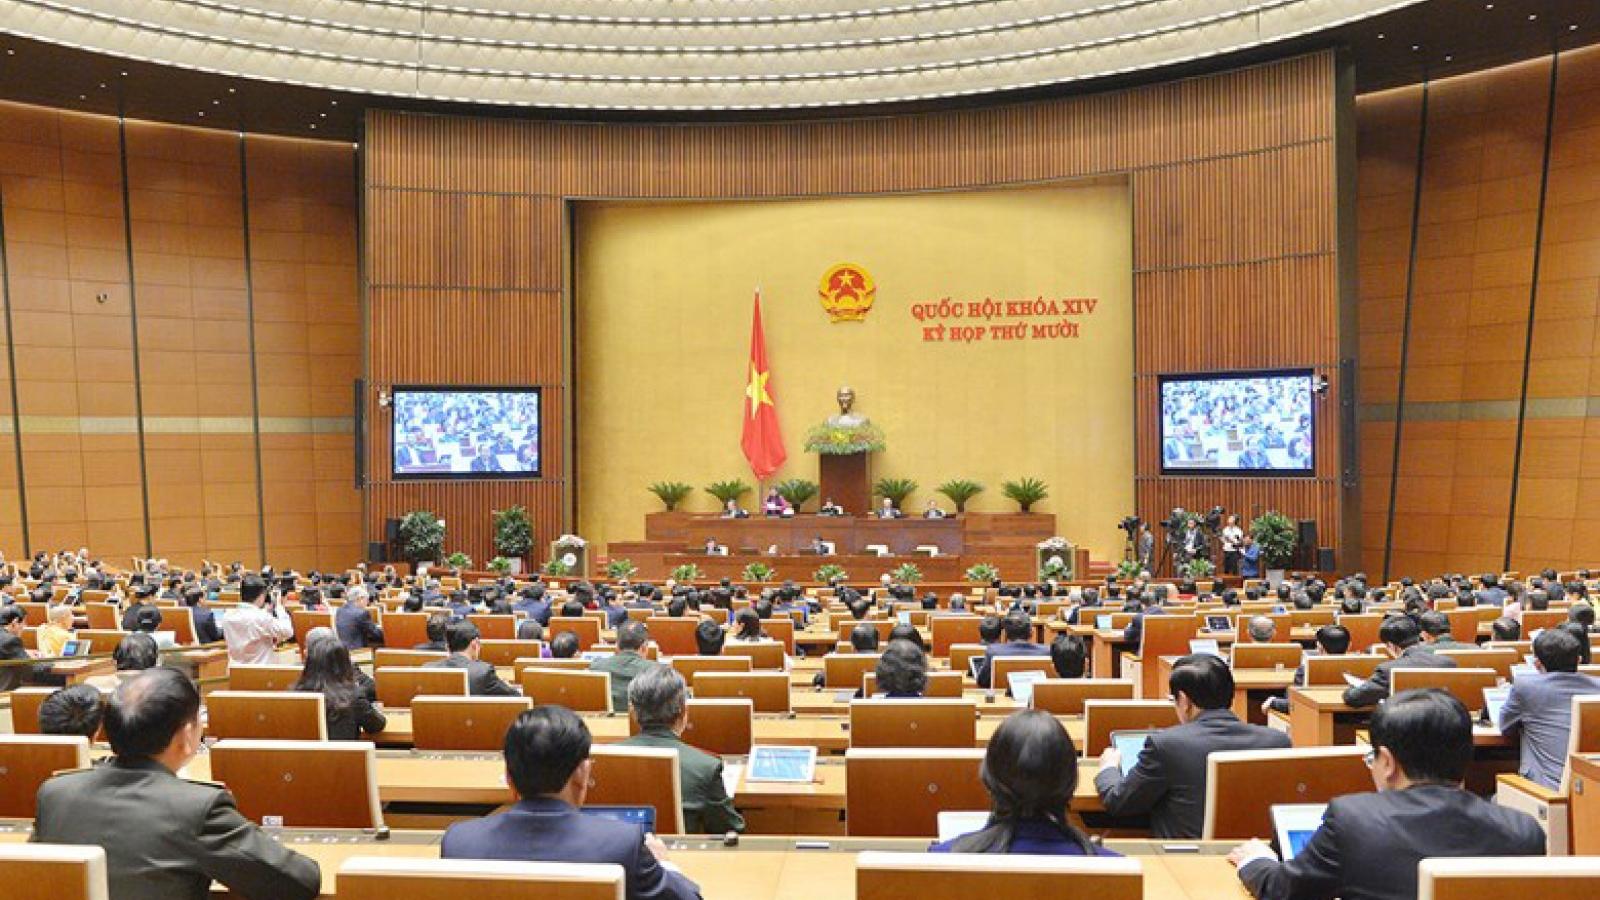 """Quốc hội đồng hành và """"chia lửa"""" cùng Chính phủ"""